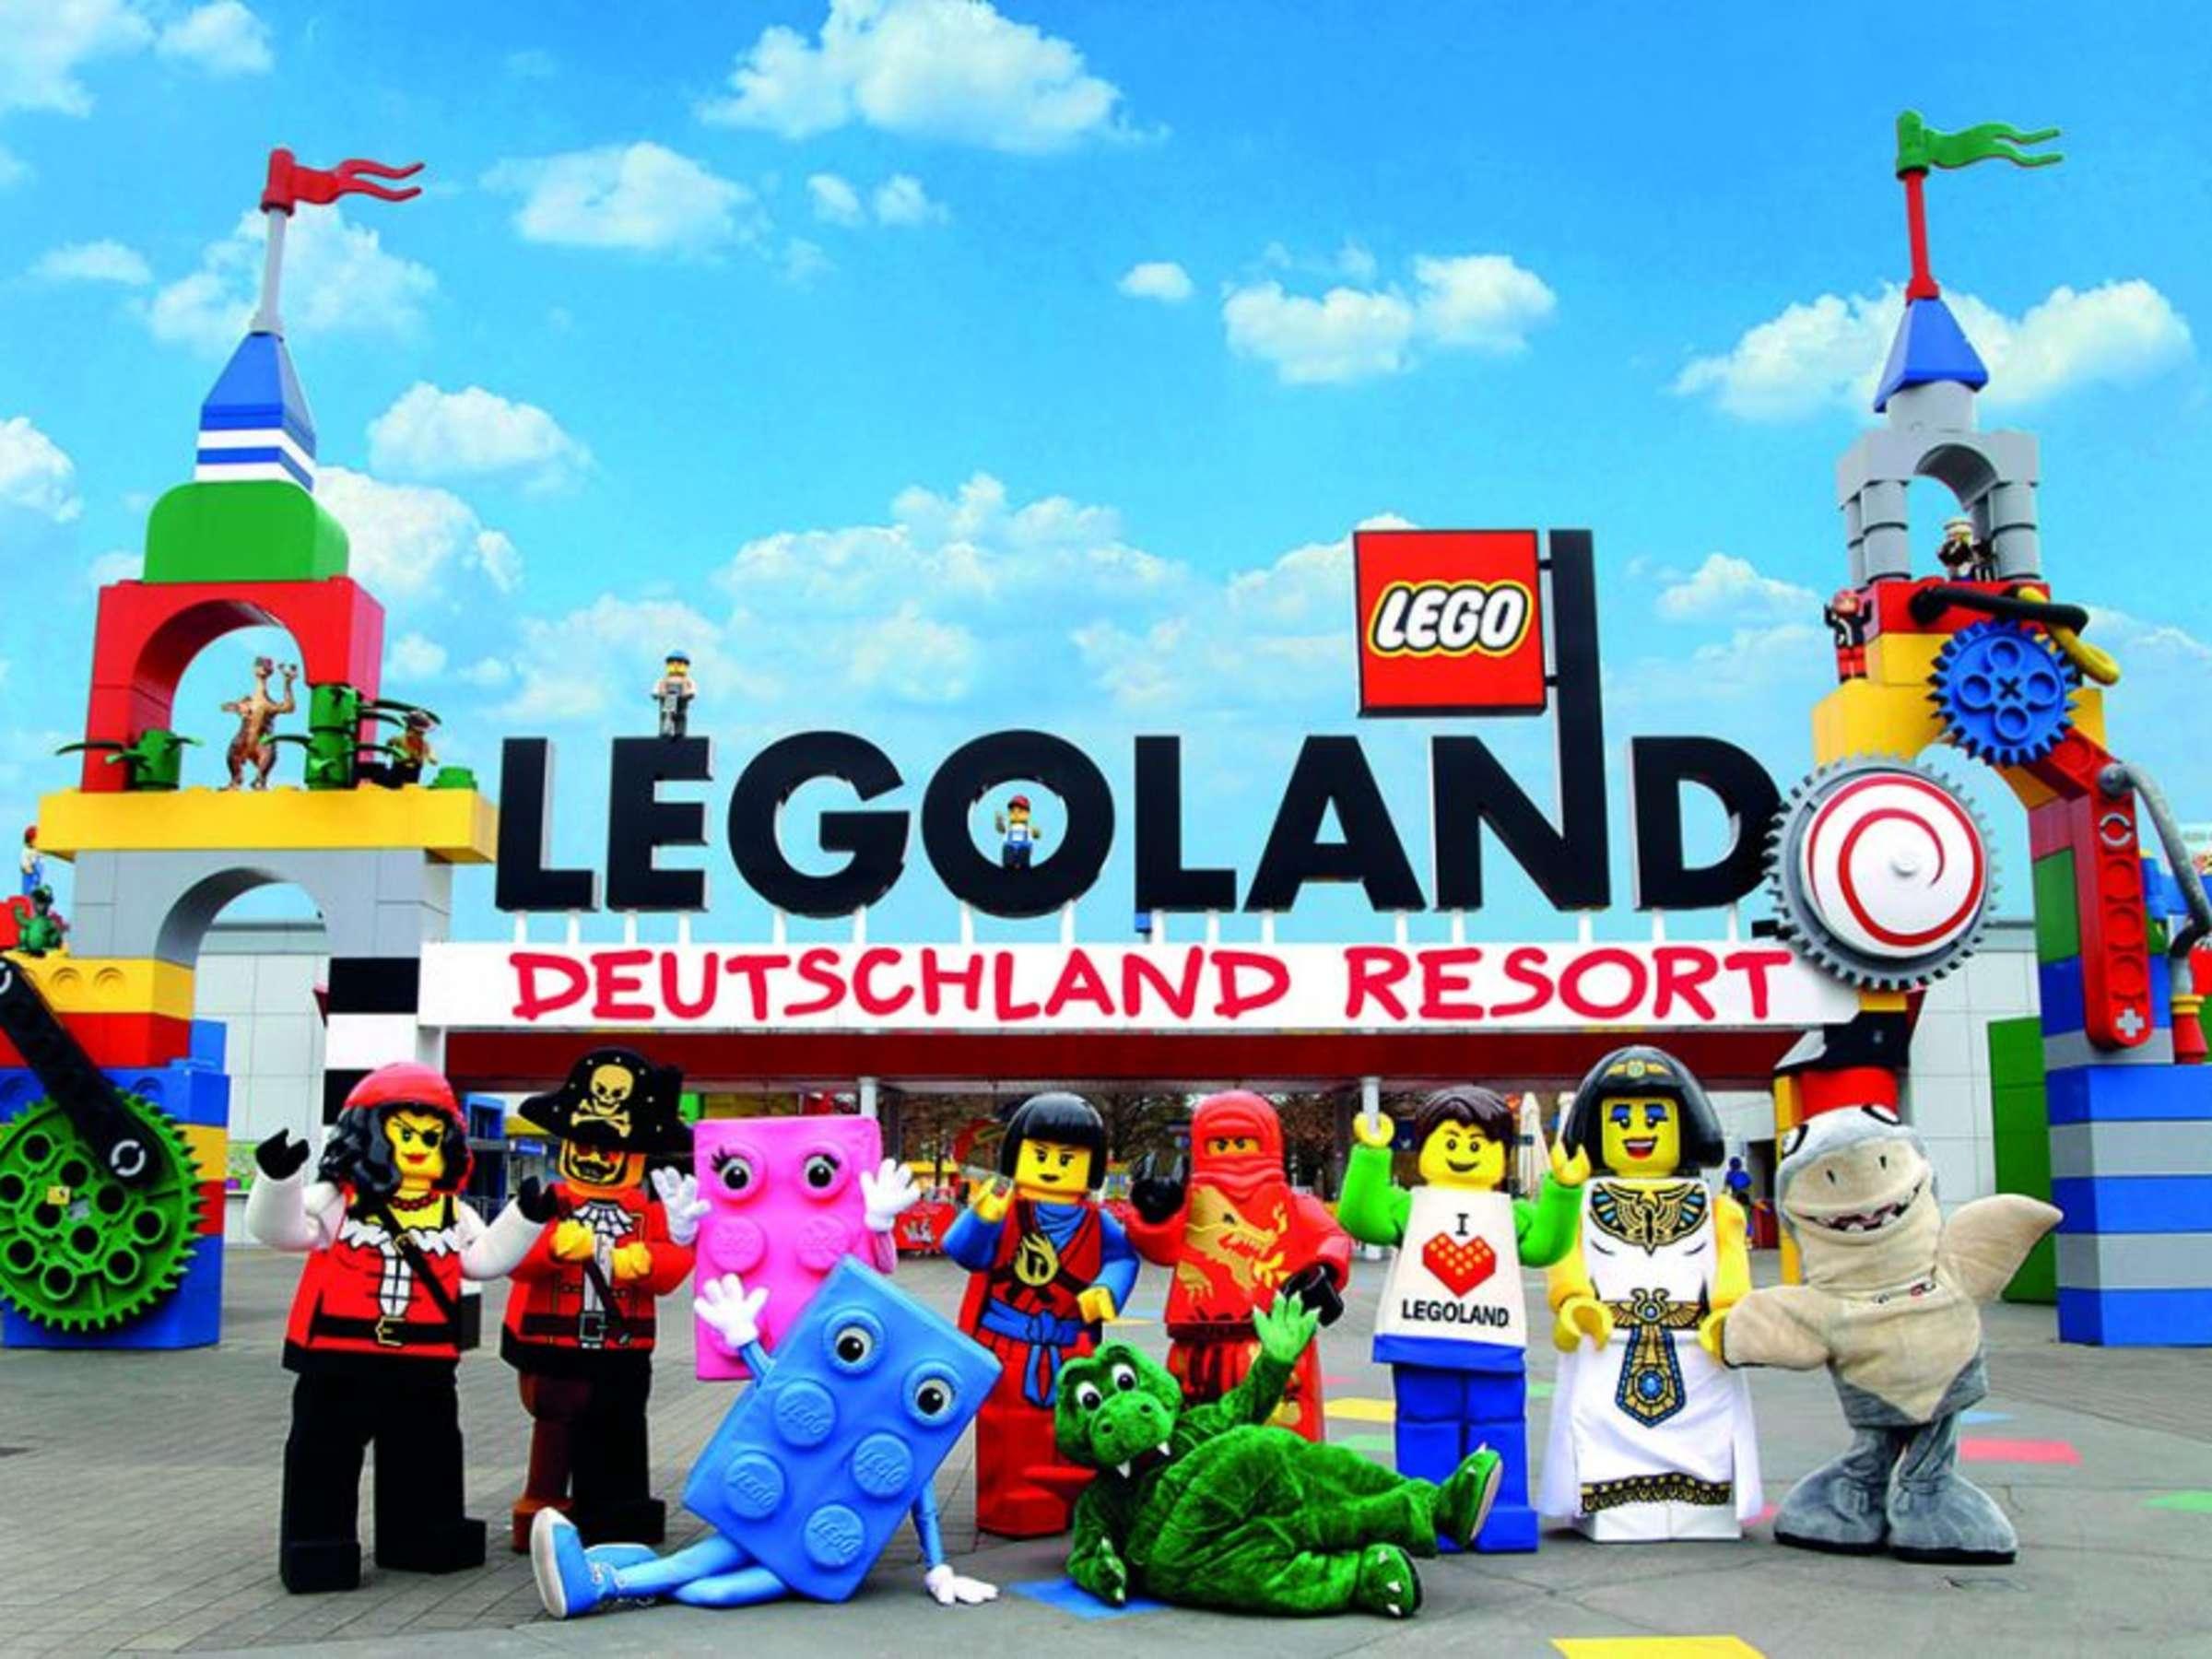 [Legoland Günzburg] Kellogg´s Spartickets jetzt online buchbar (bis 50% für max. 5 Personen), auch für Heide Park, Sea Life...